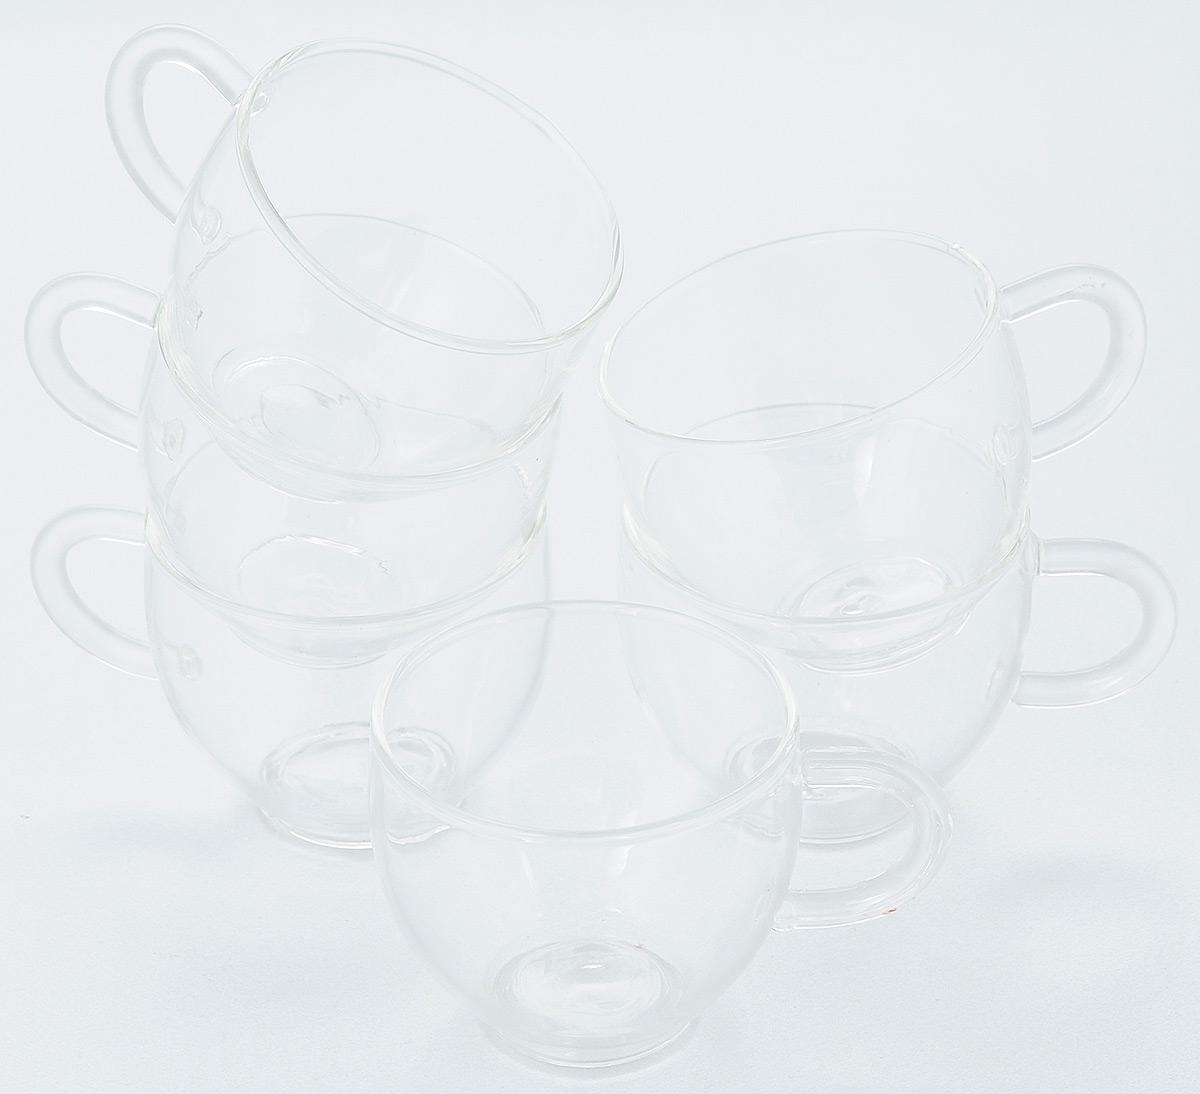 Набор кофейный Hunan Provincial, 120 мл, 6 шт15126Посуда из жаропрочного стекла проста и удобна в использовании, ей не страшны резкие колебания температуры от -20 °C до 100 °C. Стеклянную посуду удобно мыть, кроме того, она не впитывает запахи и не передает посторонних нот чаю. Особенности модели: чашка из тонкого жаропрочного стекла. Прозрачность стенок подчеркивает и оттеняет красивый цвет чайного настоя. Объем: 120 мл. В упаковке 6 шт.